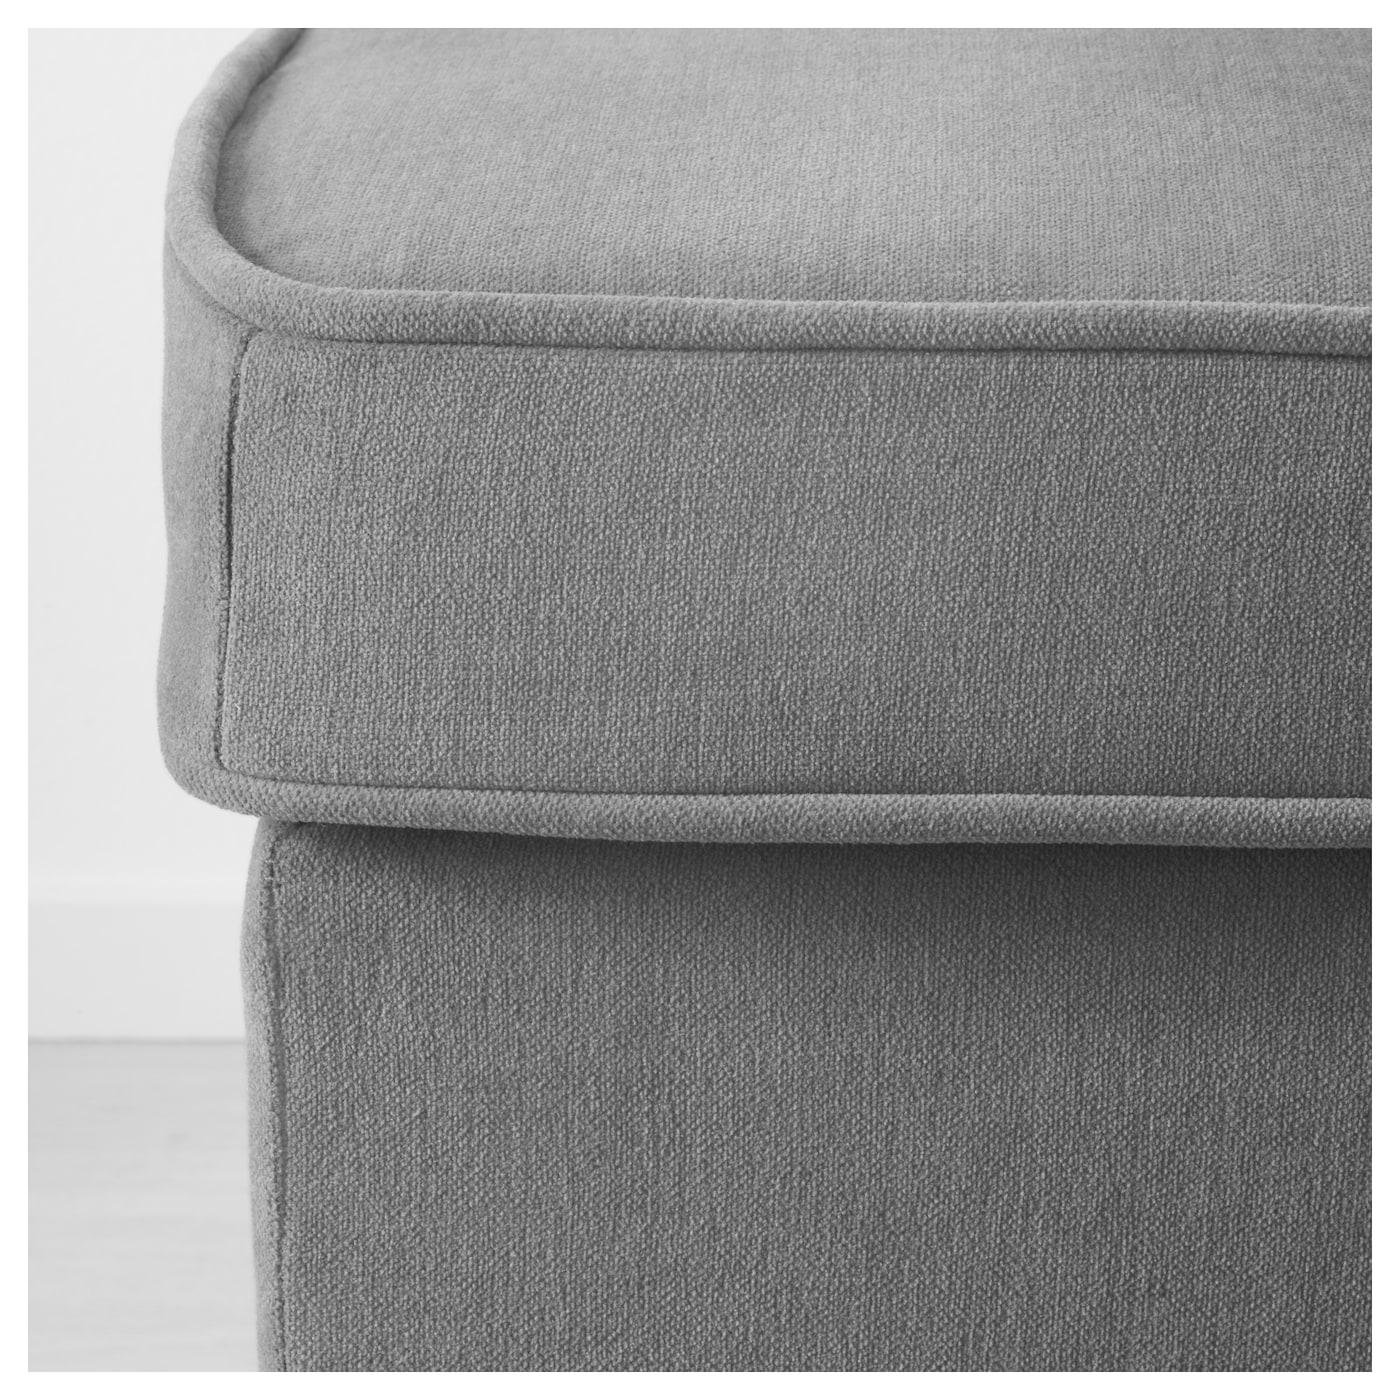 Stocksund bankje ljungen grijs zwart hout ikea for Ikea ladeblok hout